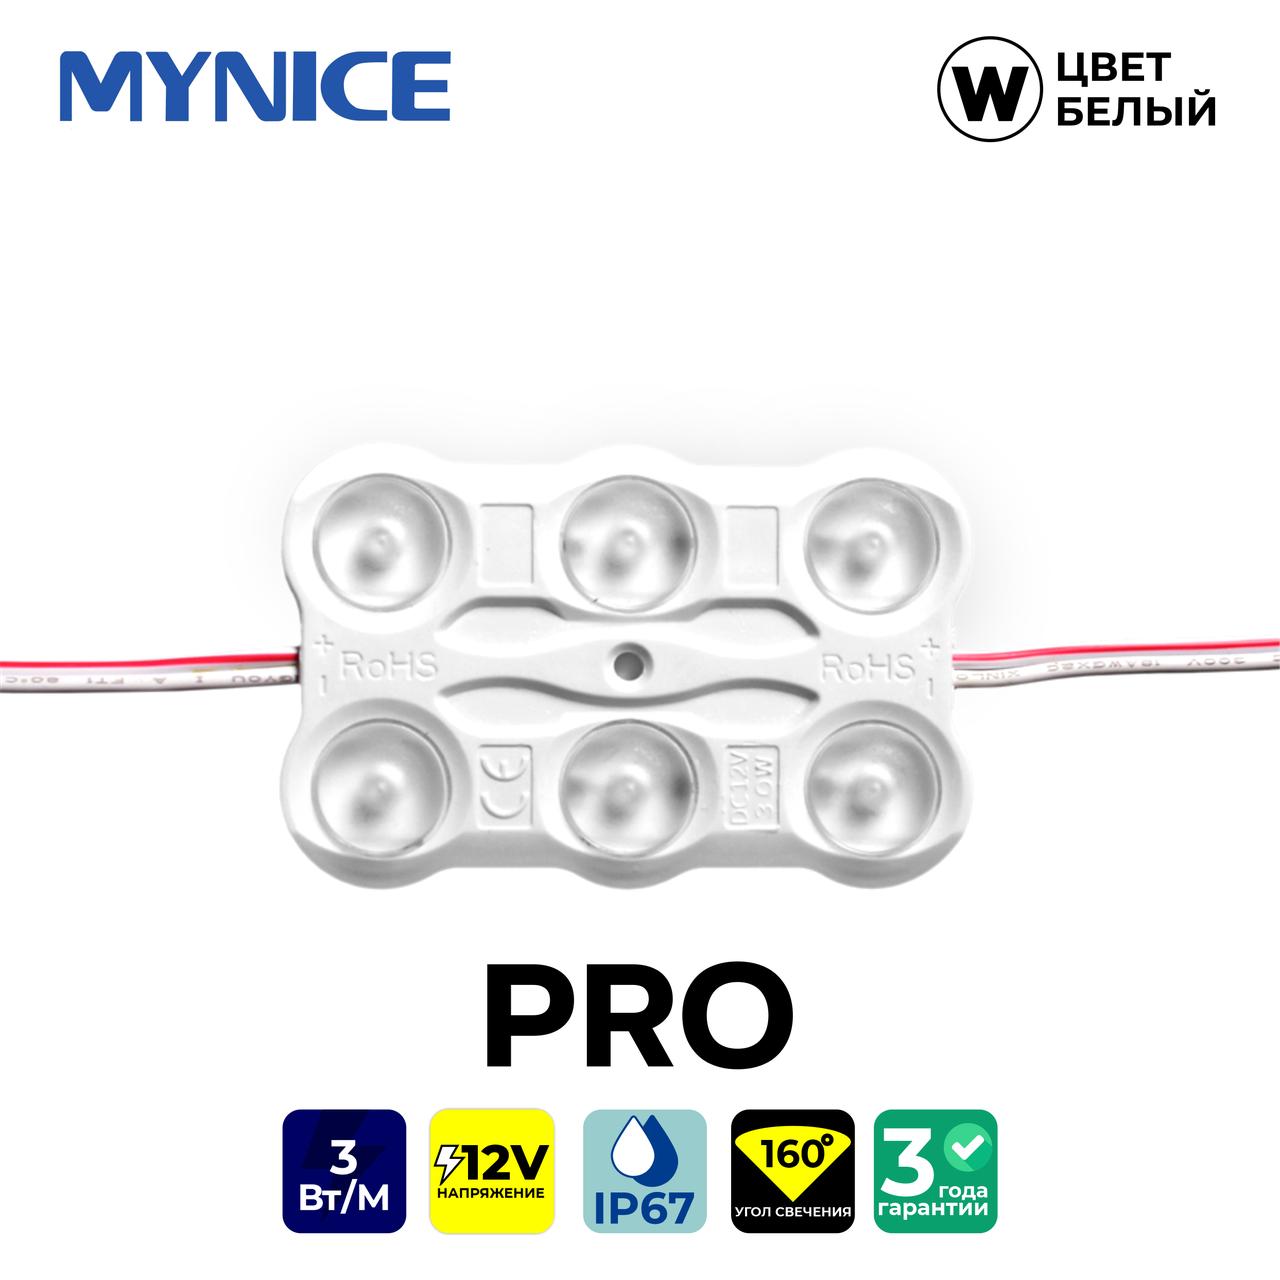 Шеститочечные светодиоды с линзой и алюминиевым теплоотводом (IP67) 3W, цвет - белый